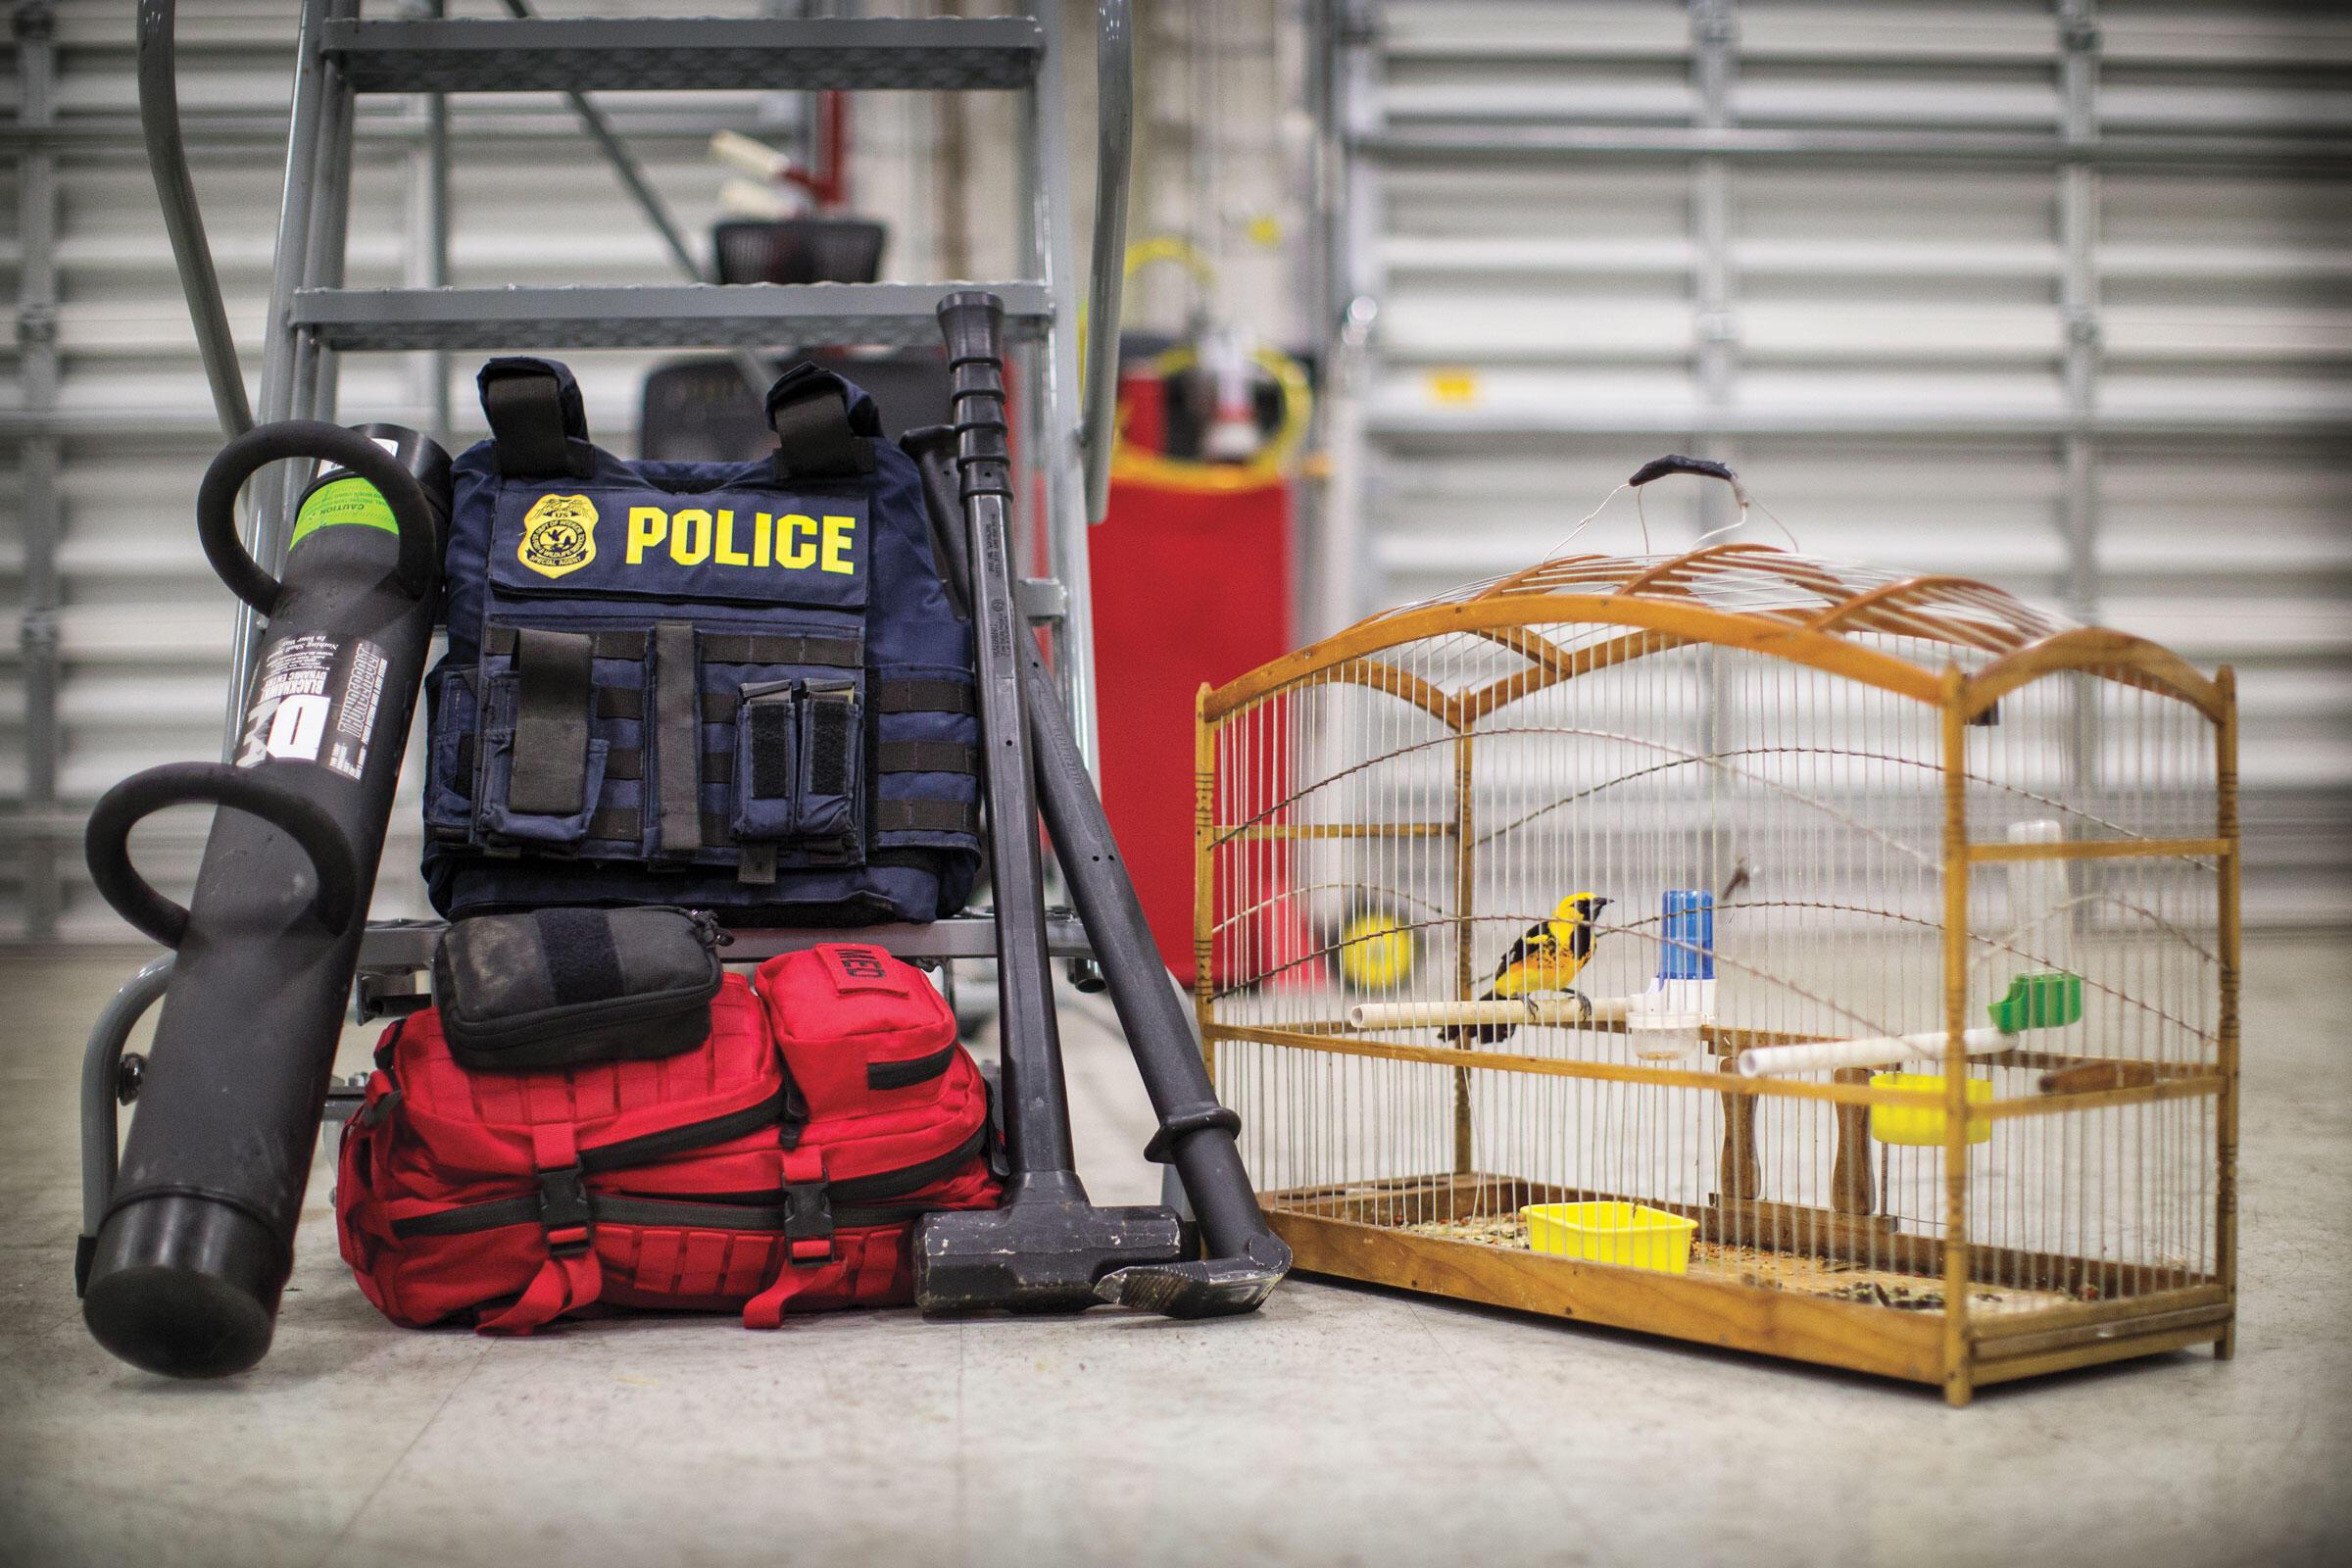 Una oropéndola sentada en una jaula confiscada por la unidad de caza furtiva encubierta del Servicio de Pesca y Vida Silvestre de los EE. UU.